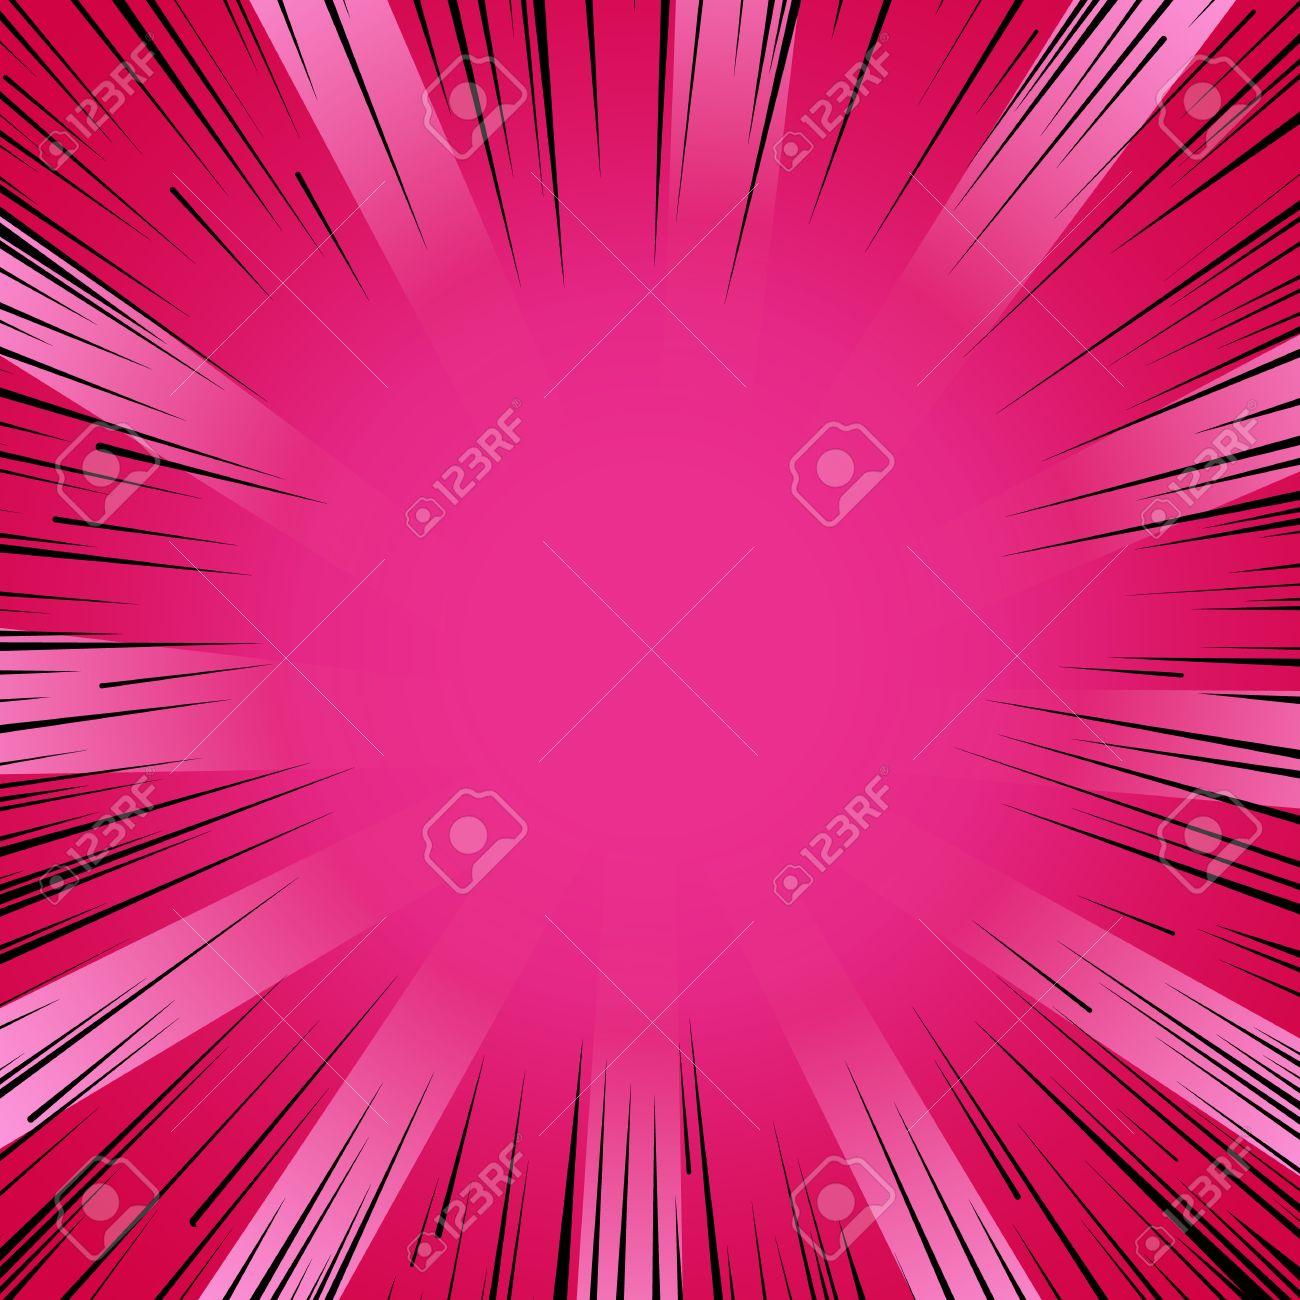 Resumen Del Libro De Flash Líneas Radiales Explosión Fondo Cómic ...